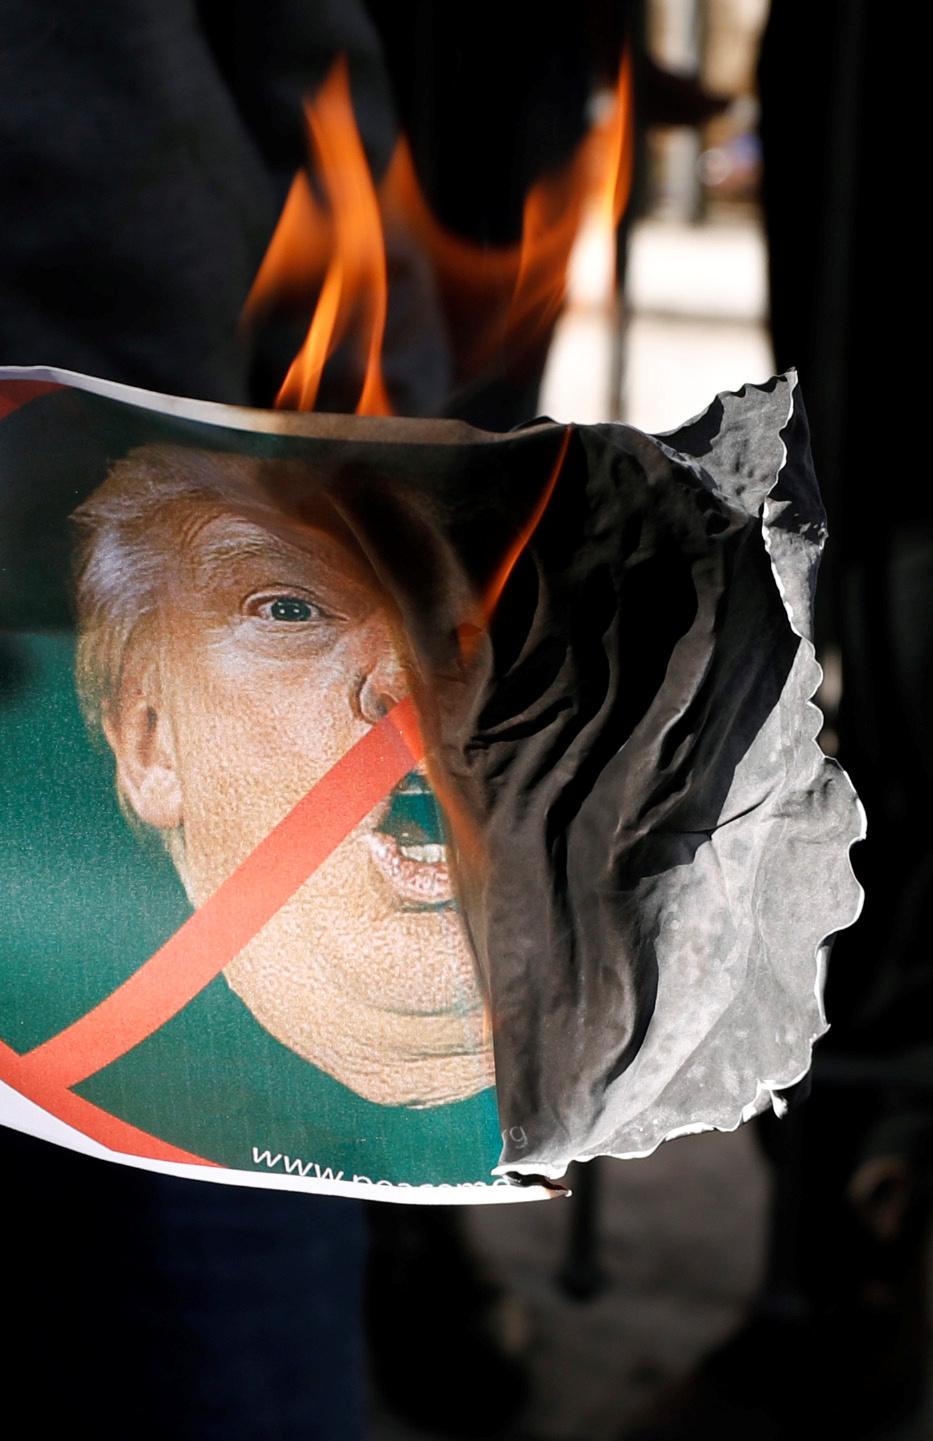 اشعال النار فى صور ترامب